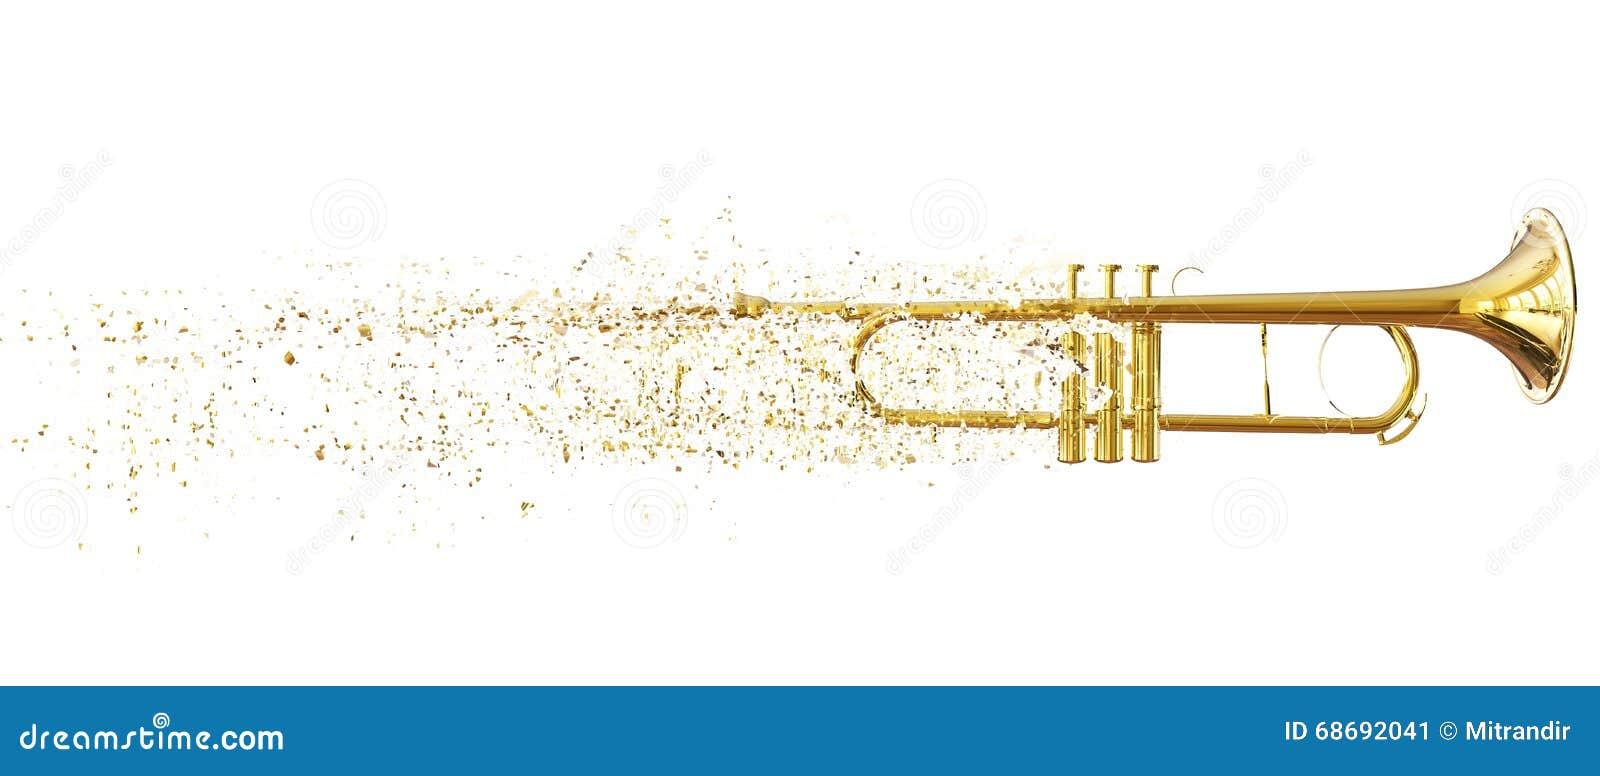 Trompete - kleine abbrechende Stücke